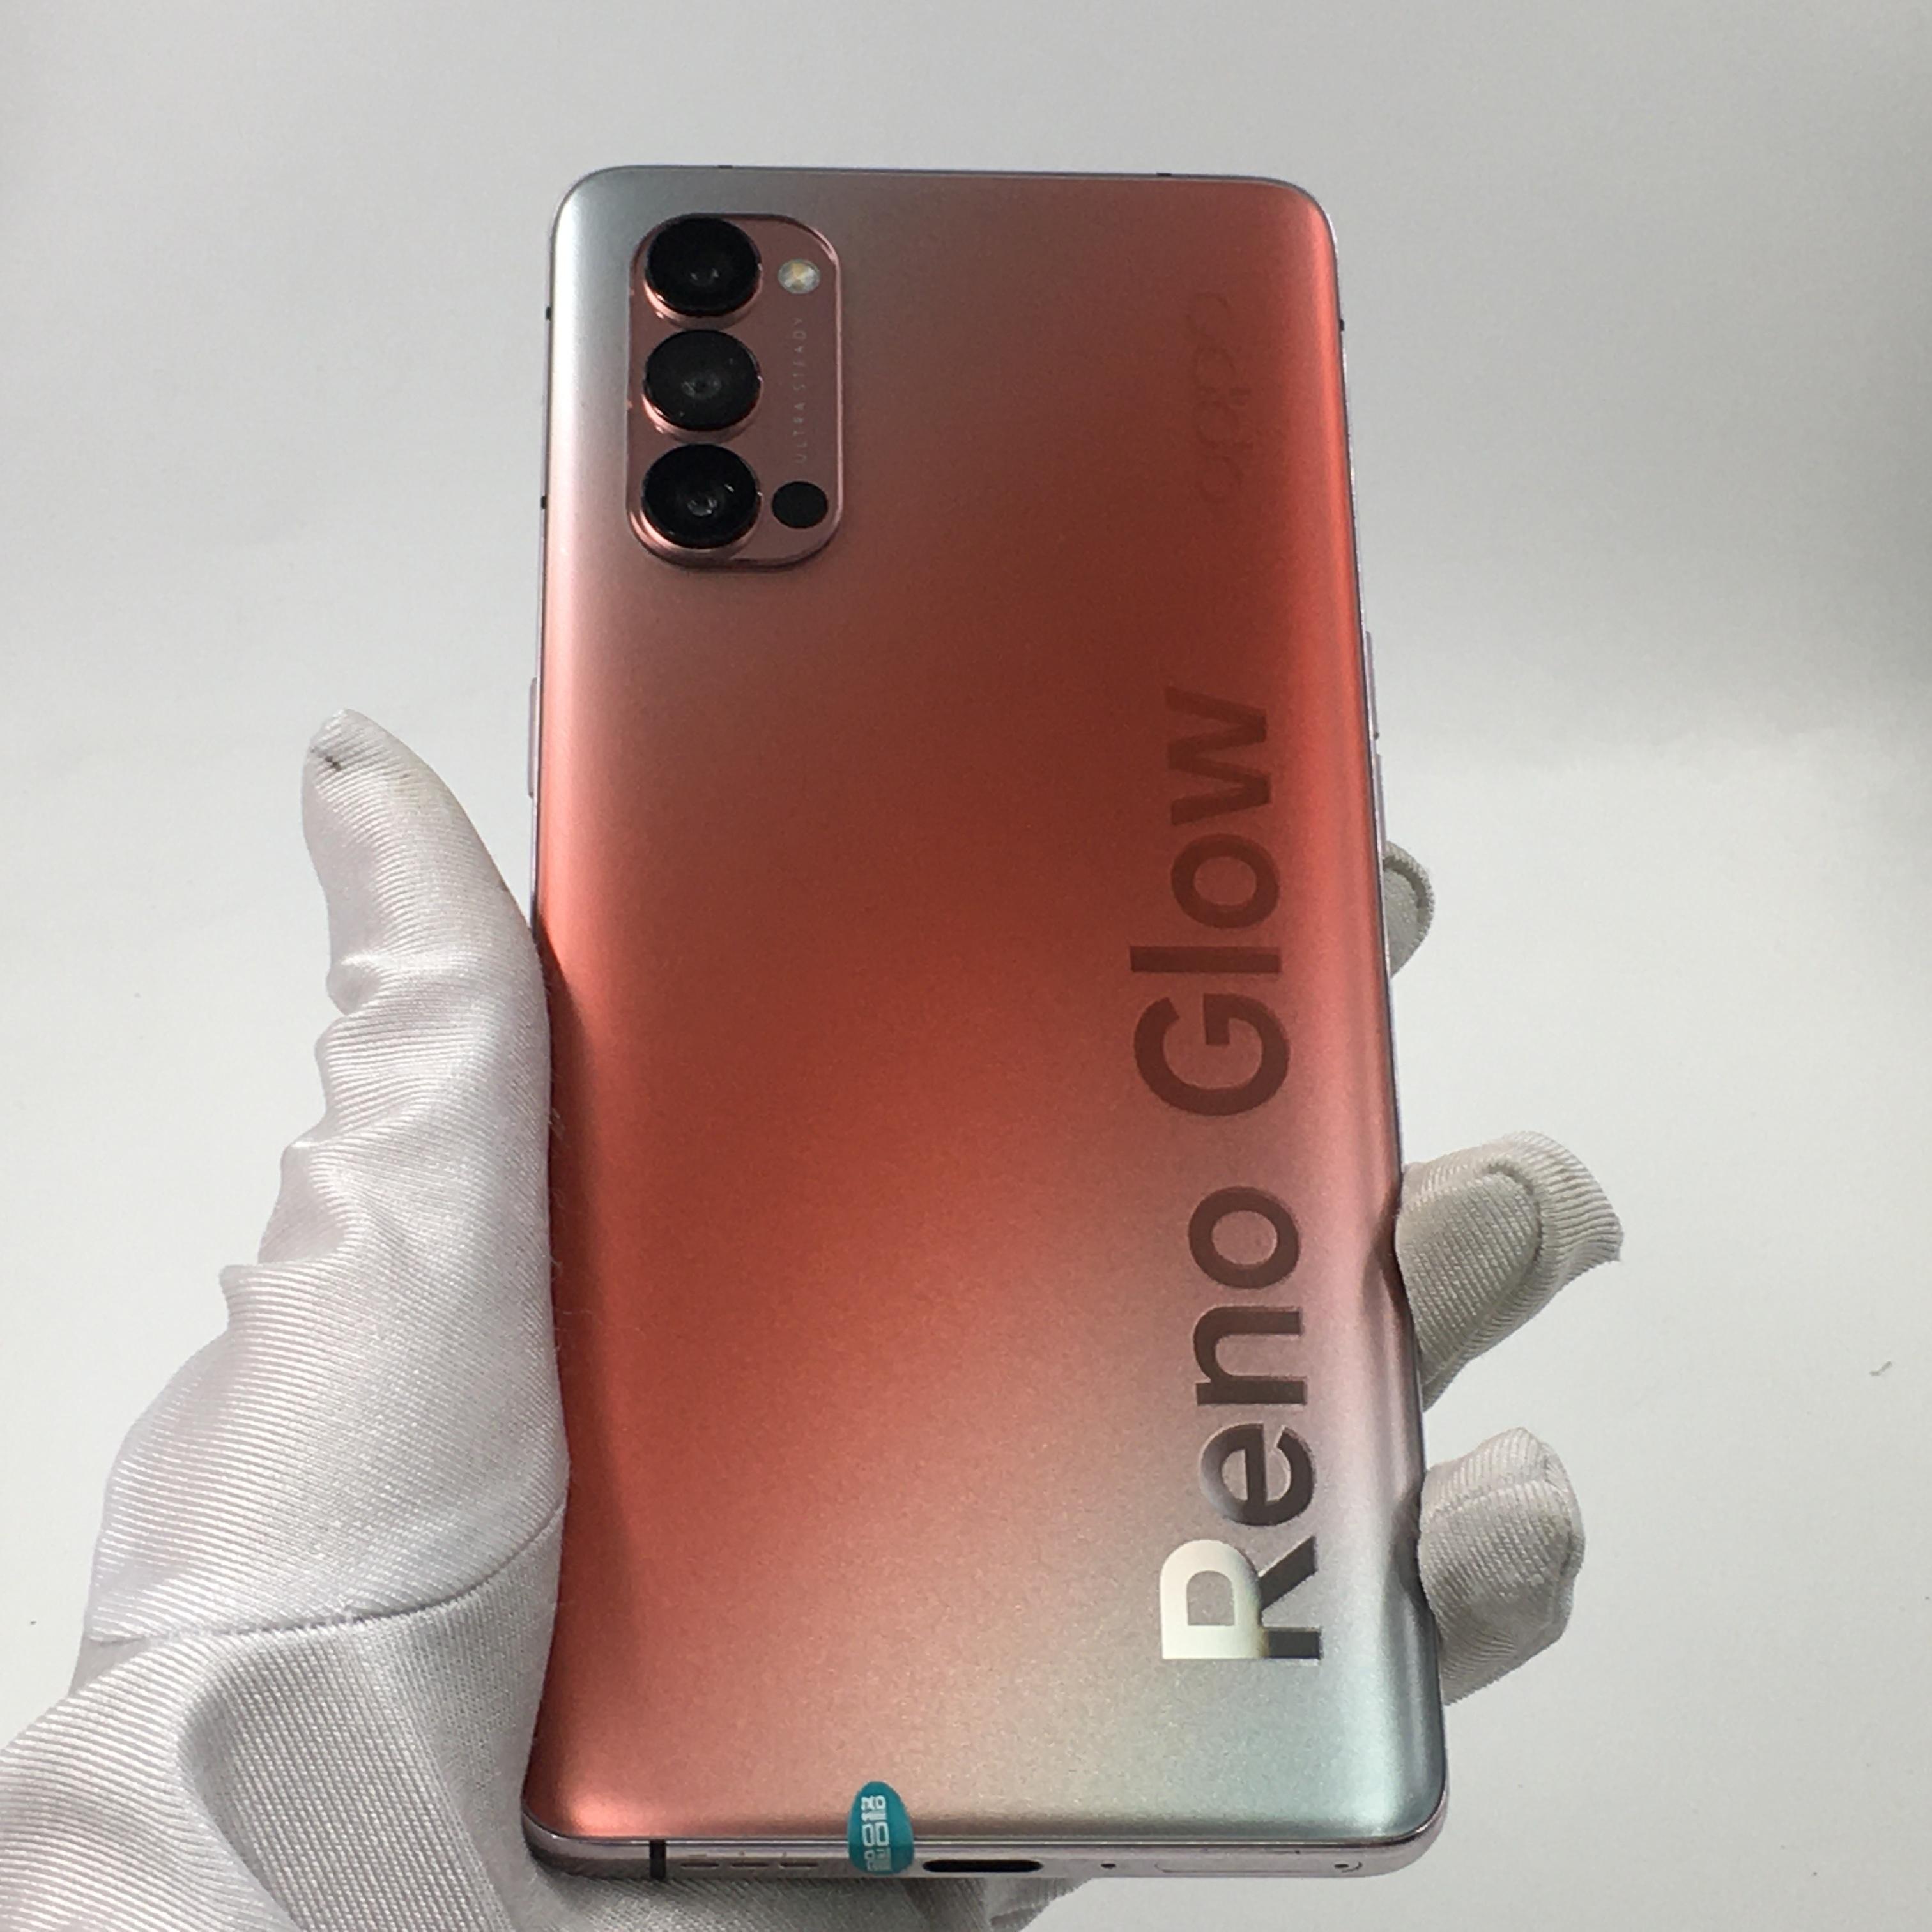 oppo【Reno4 Pro 5G】5G全网通 晶钻红 8G/128G 国行 95新 8G/128G真机实拍